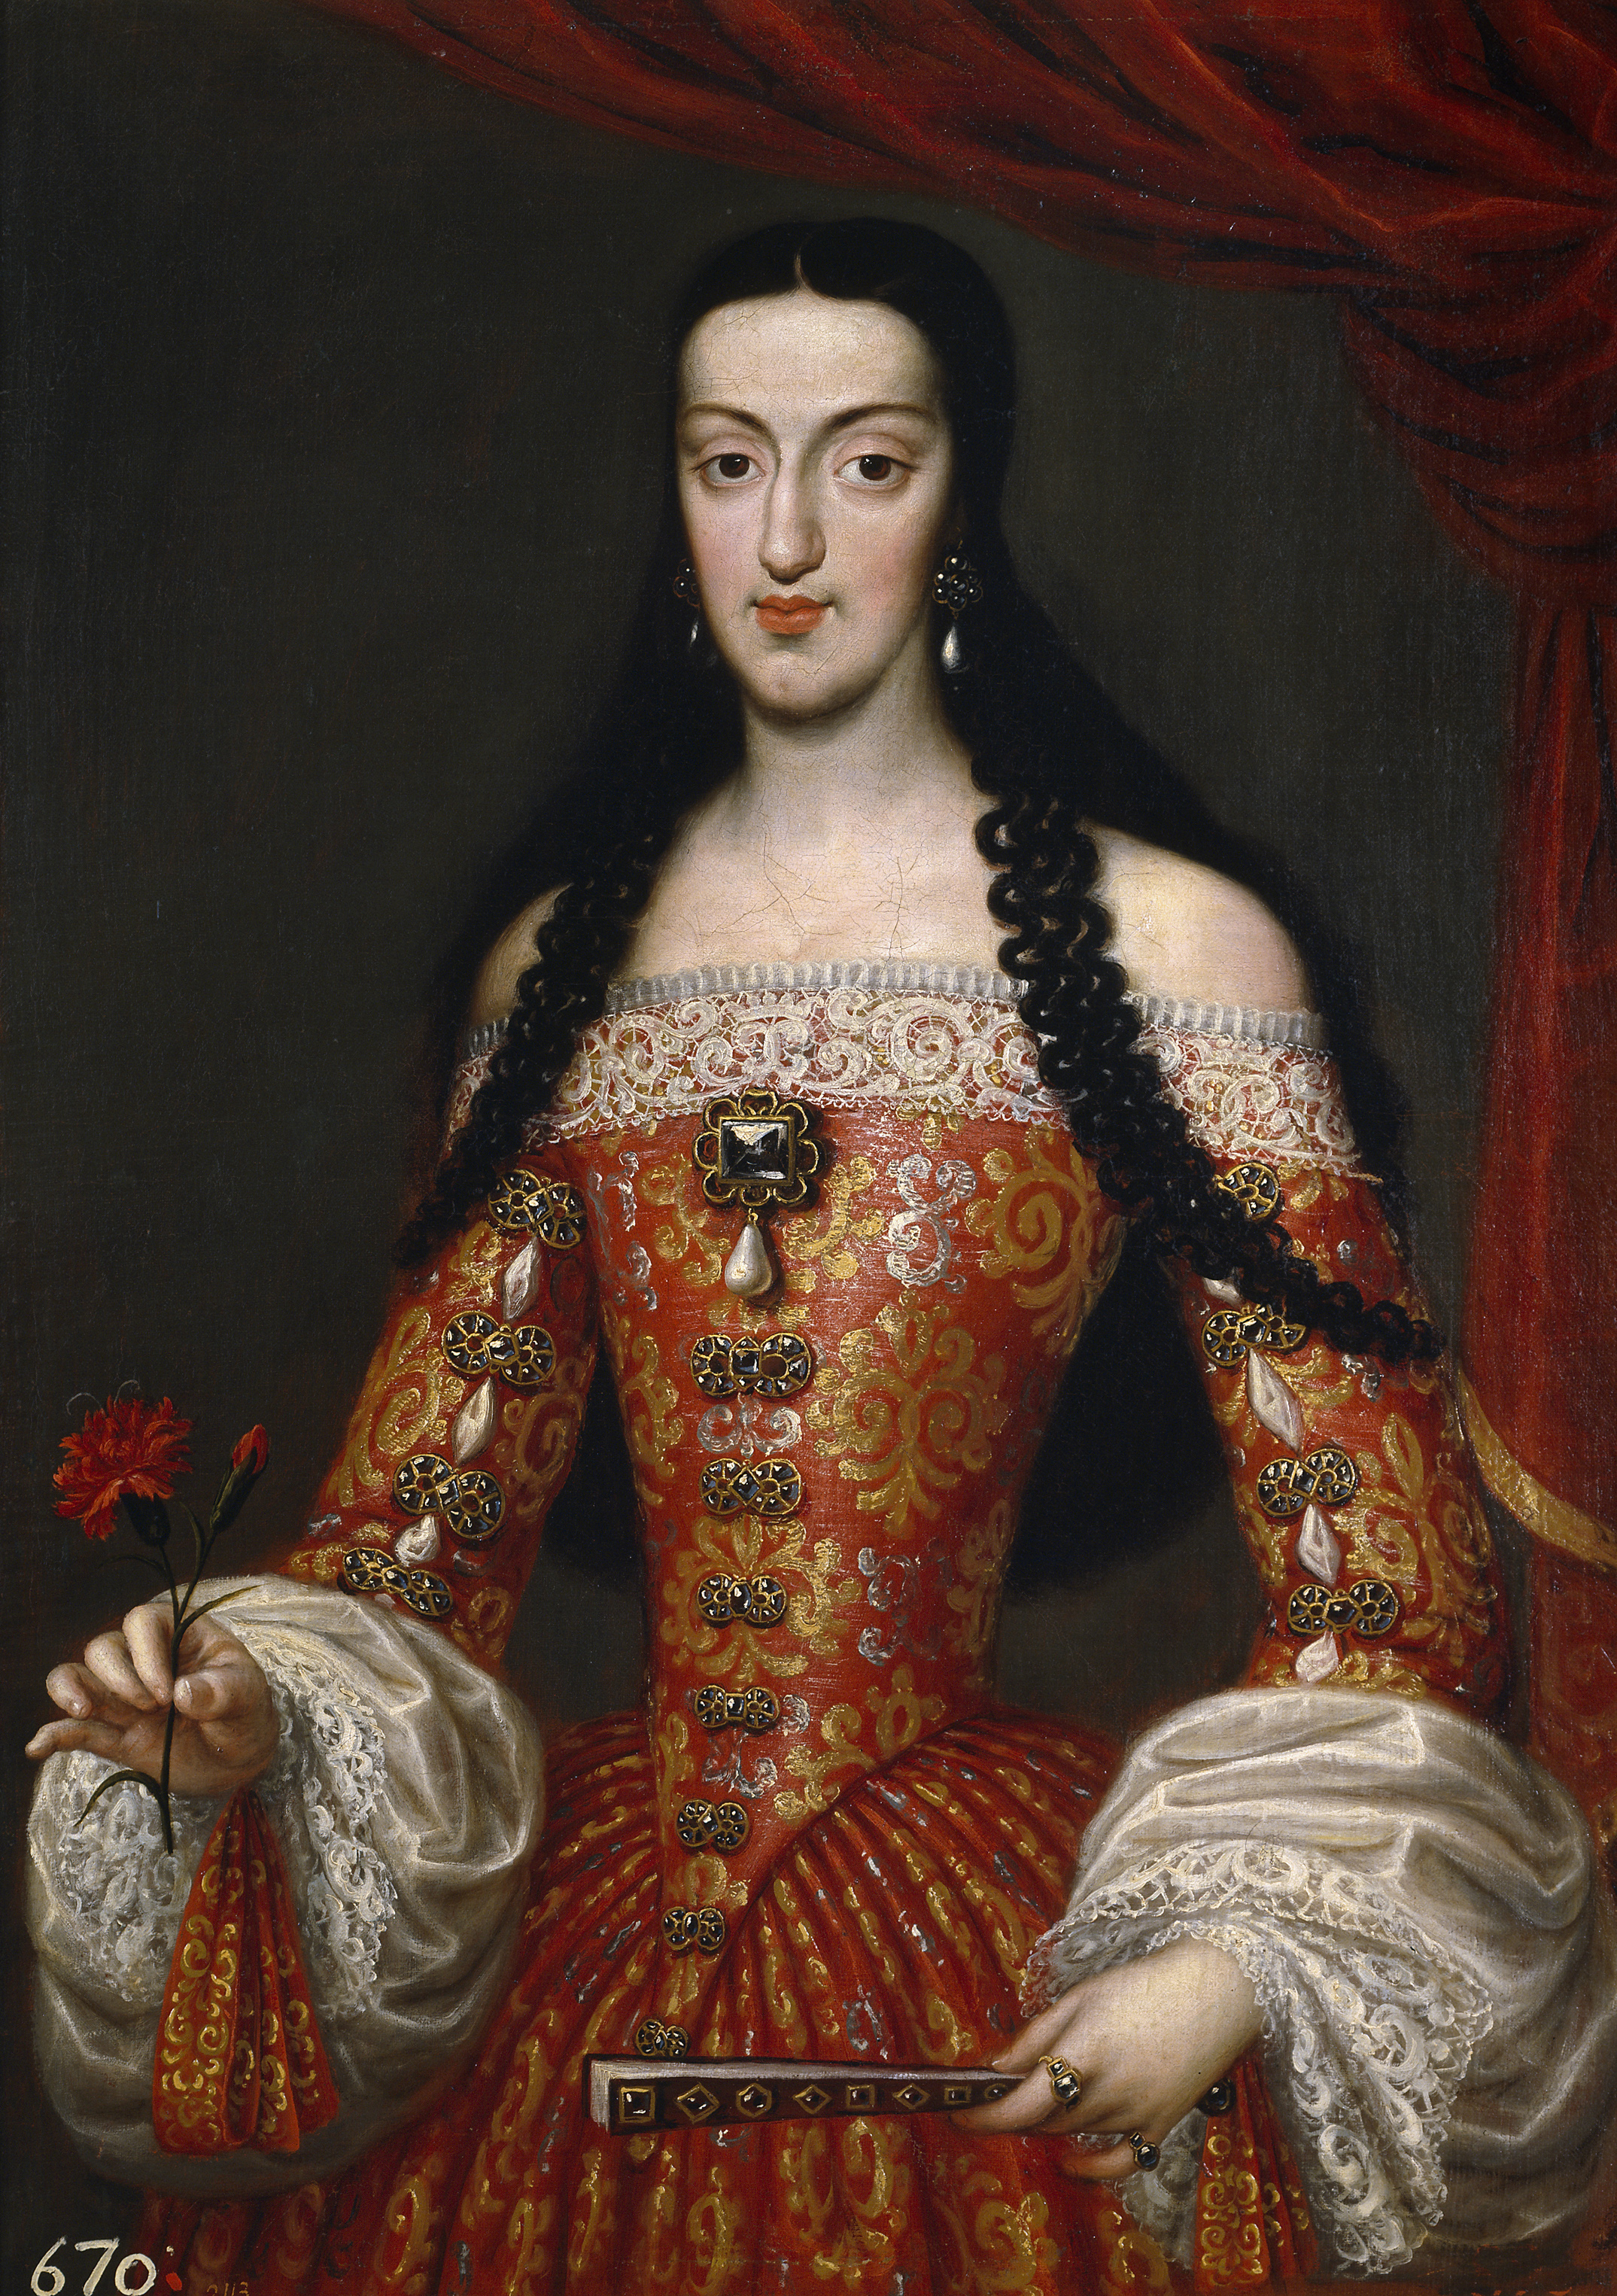 José García Hidalgo. María Luisa de Orleans, reina de España. Hacia 1679. Museo del Prado.